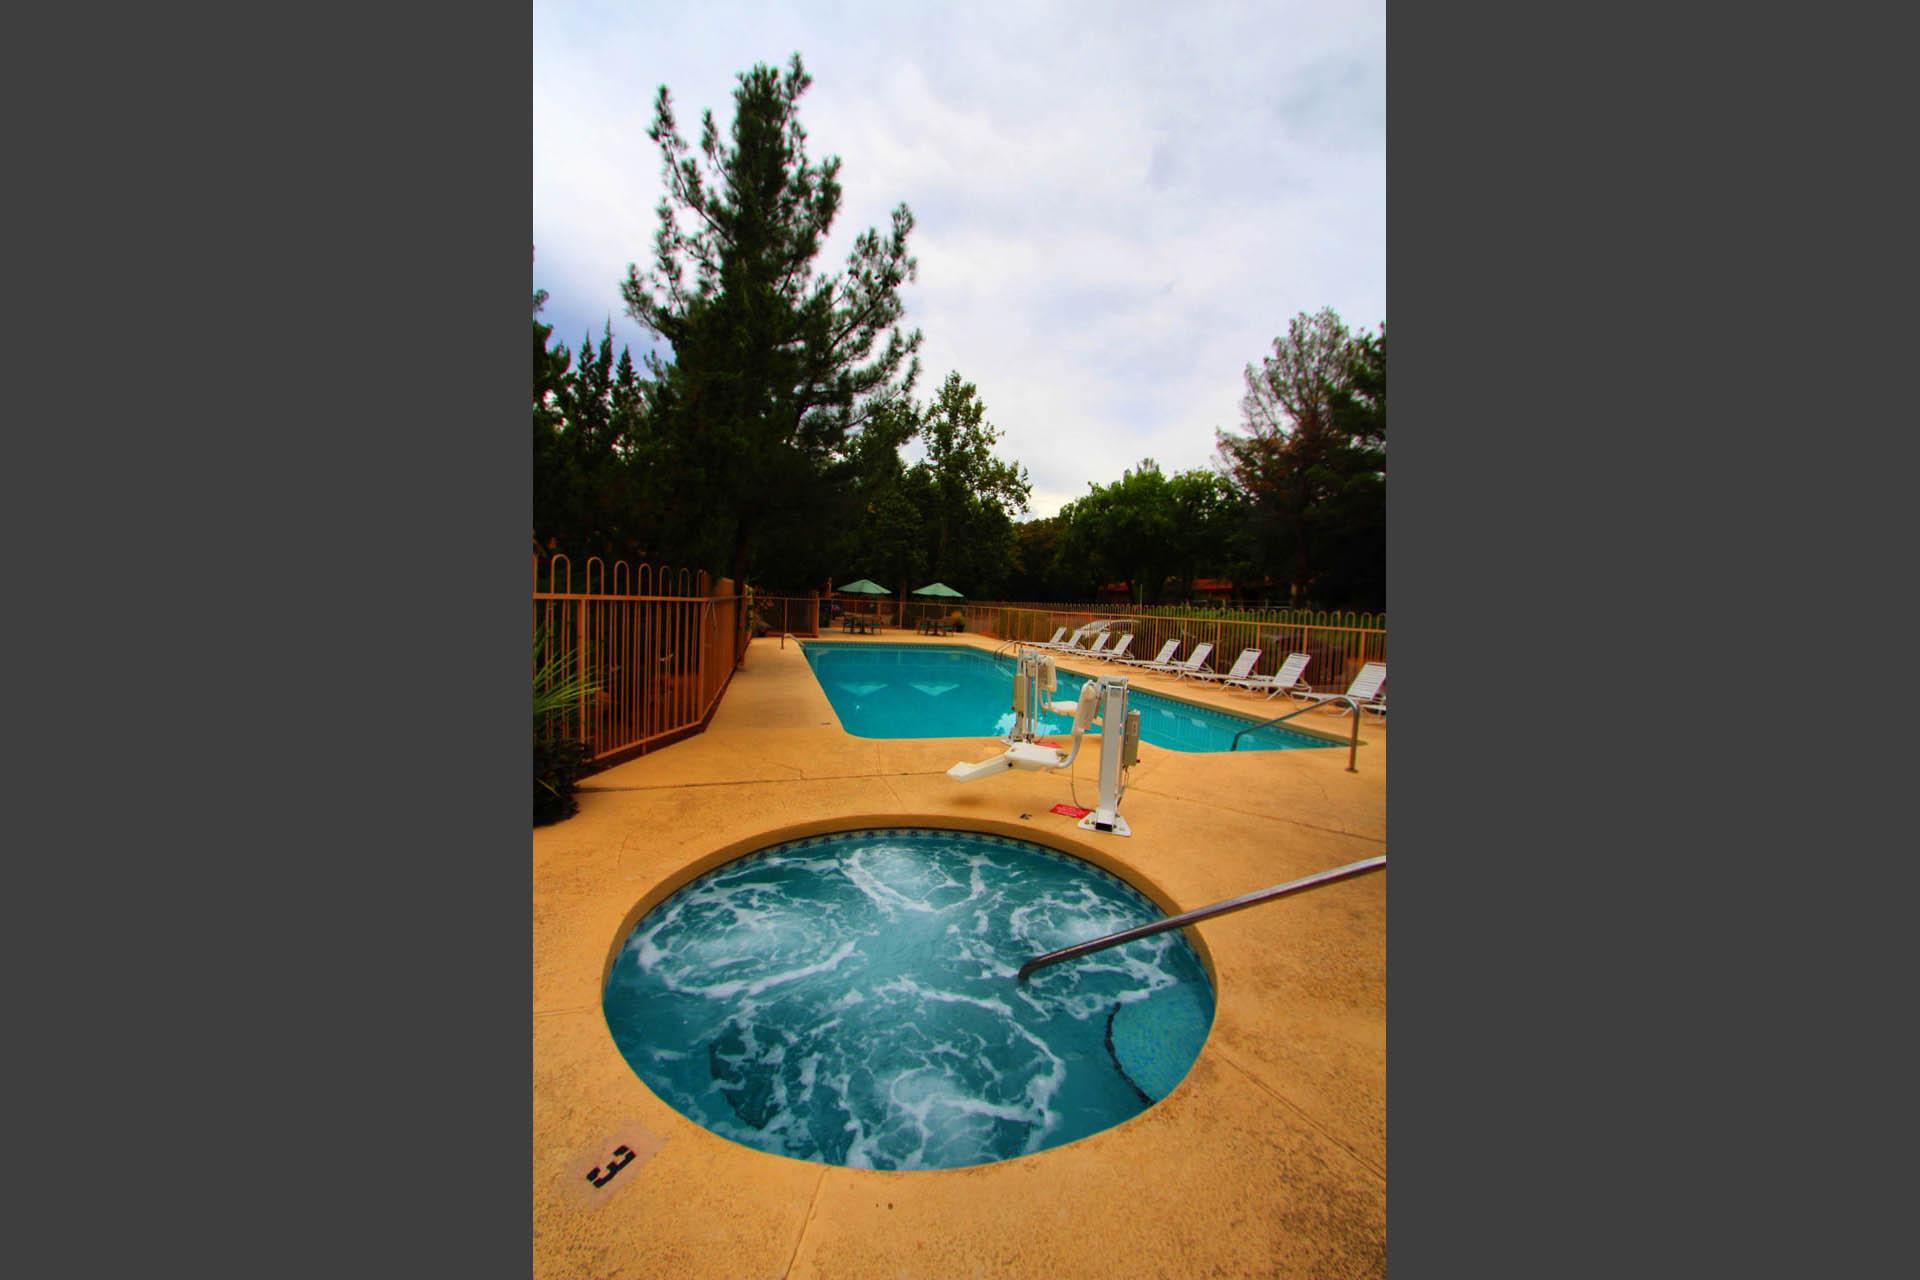 Villas At Poco Diablo Pool